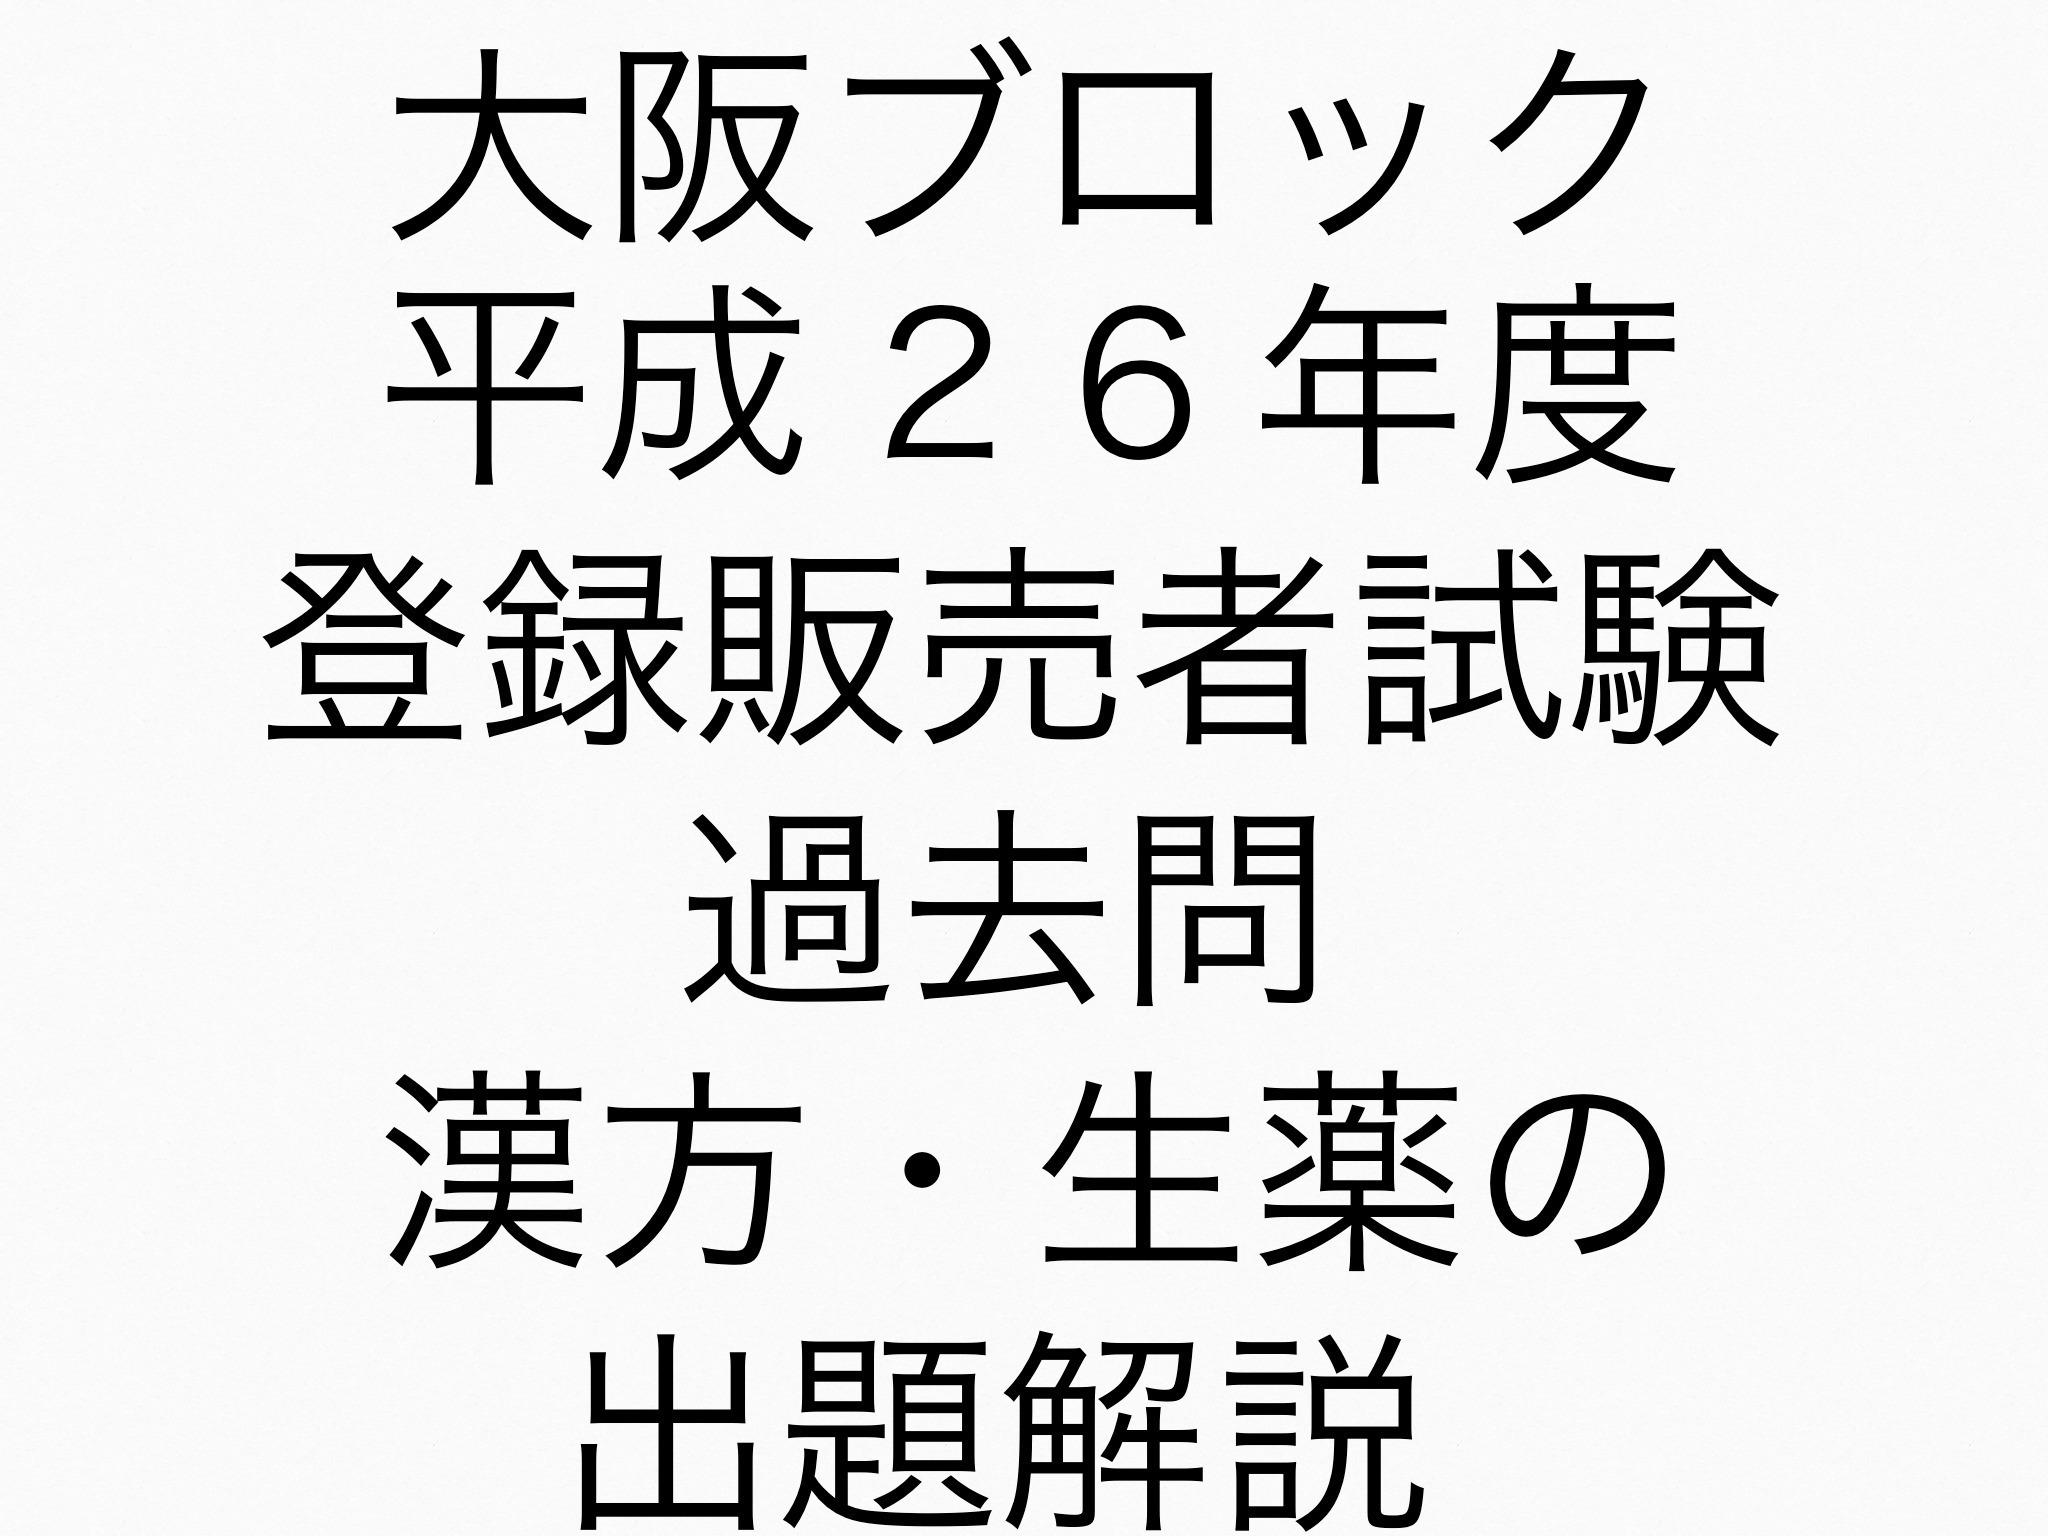 大阪H26)登録販売者試験過去問 漢方・生薬の問題解説/出題傾向